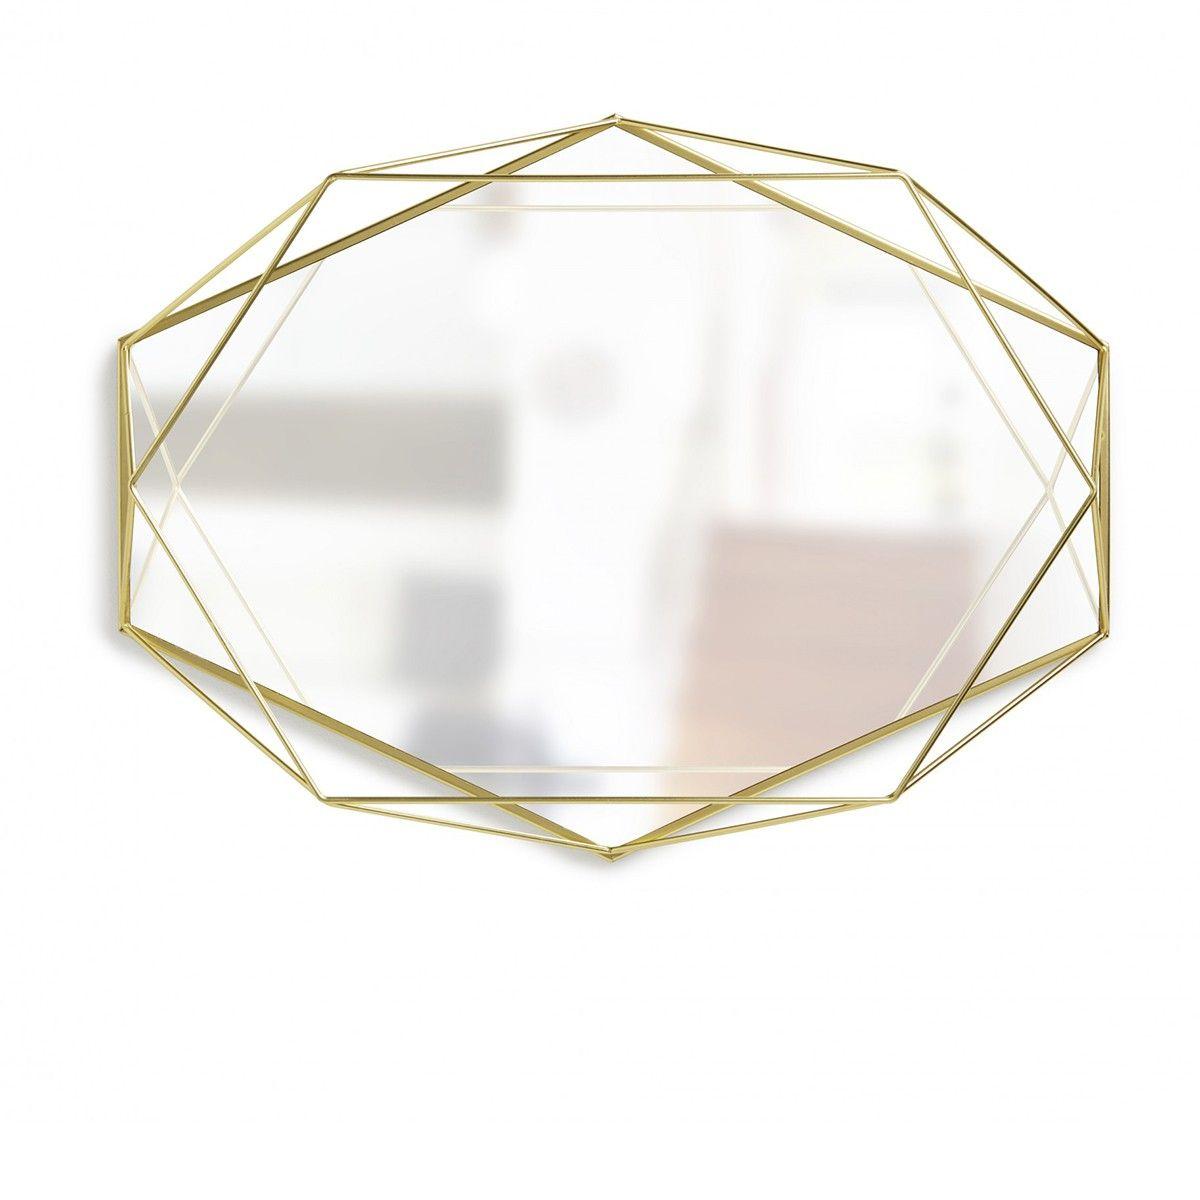 Miroir Prisma Laiton - Umbra